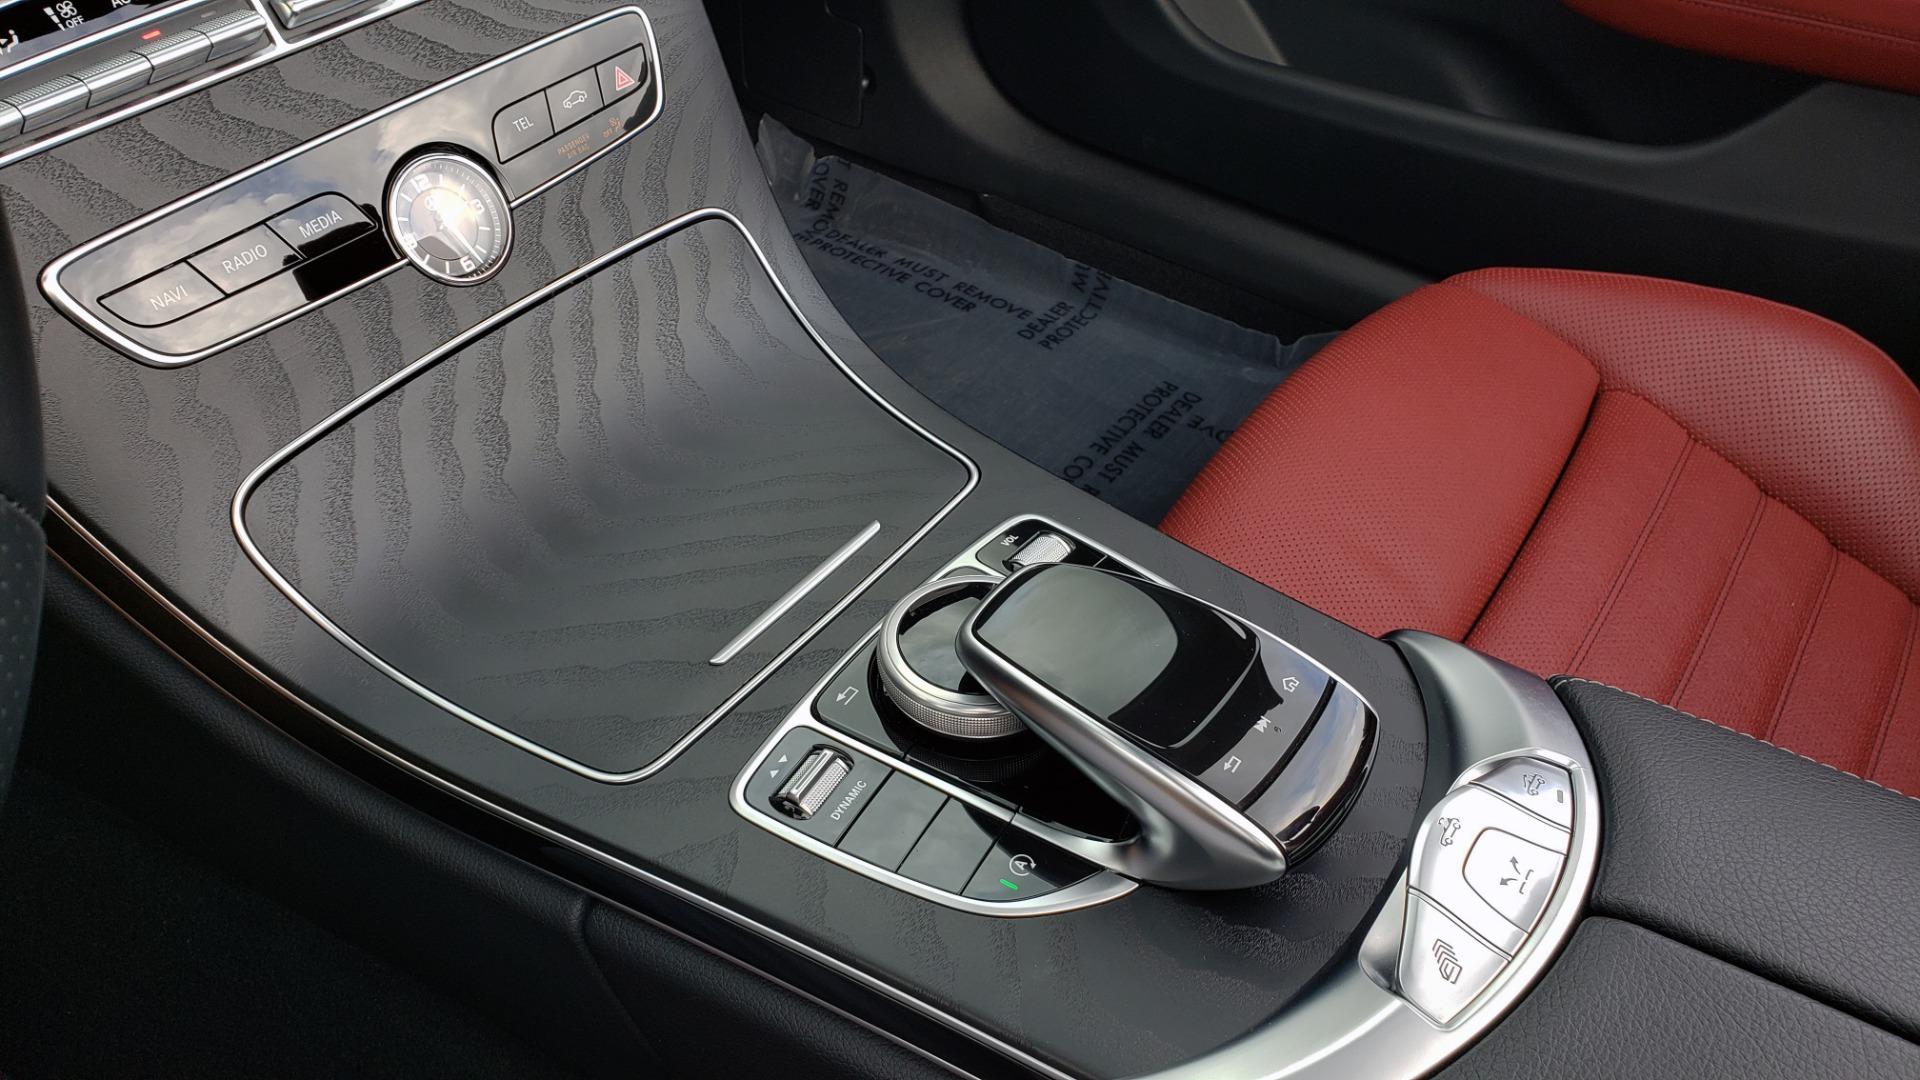 Used 2019 Mercedes-Benz C-CLASS C 300 CABRIOLET / PREM PKG / NAV / BURMESTER / MULTIMEDIA for sale $49,995 at Formula Imports in Charlotte NC 28227 49